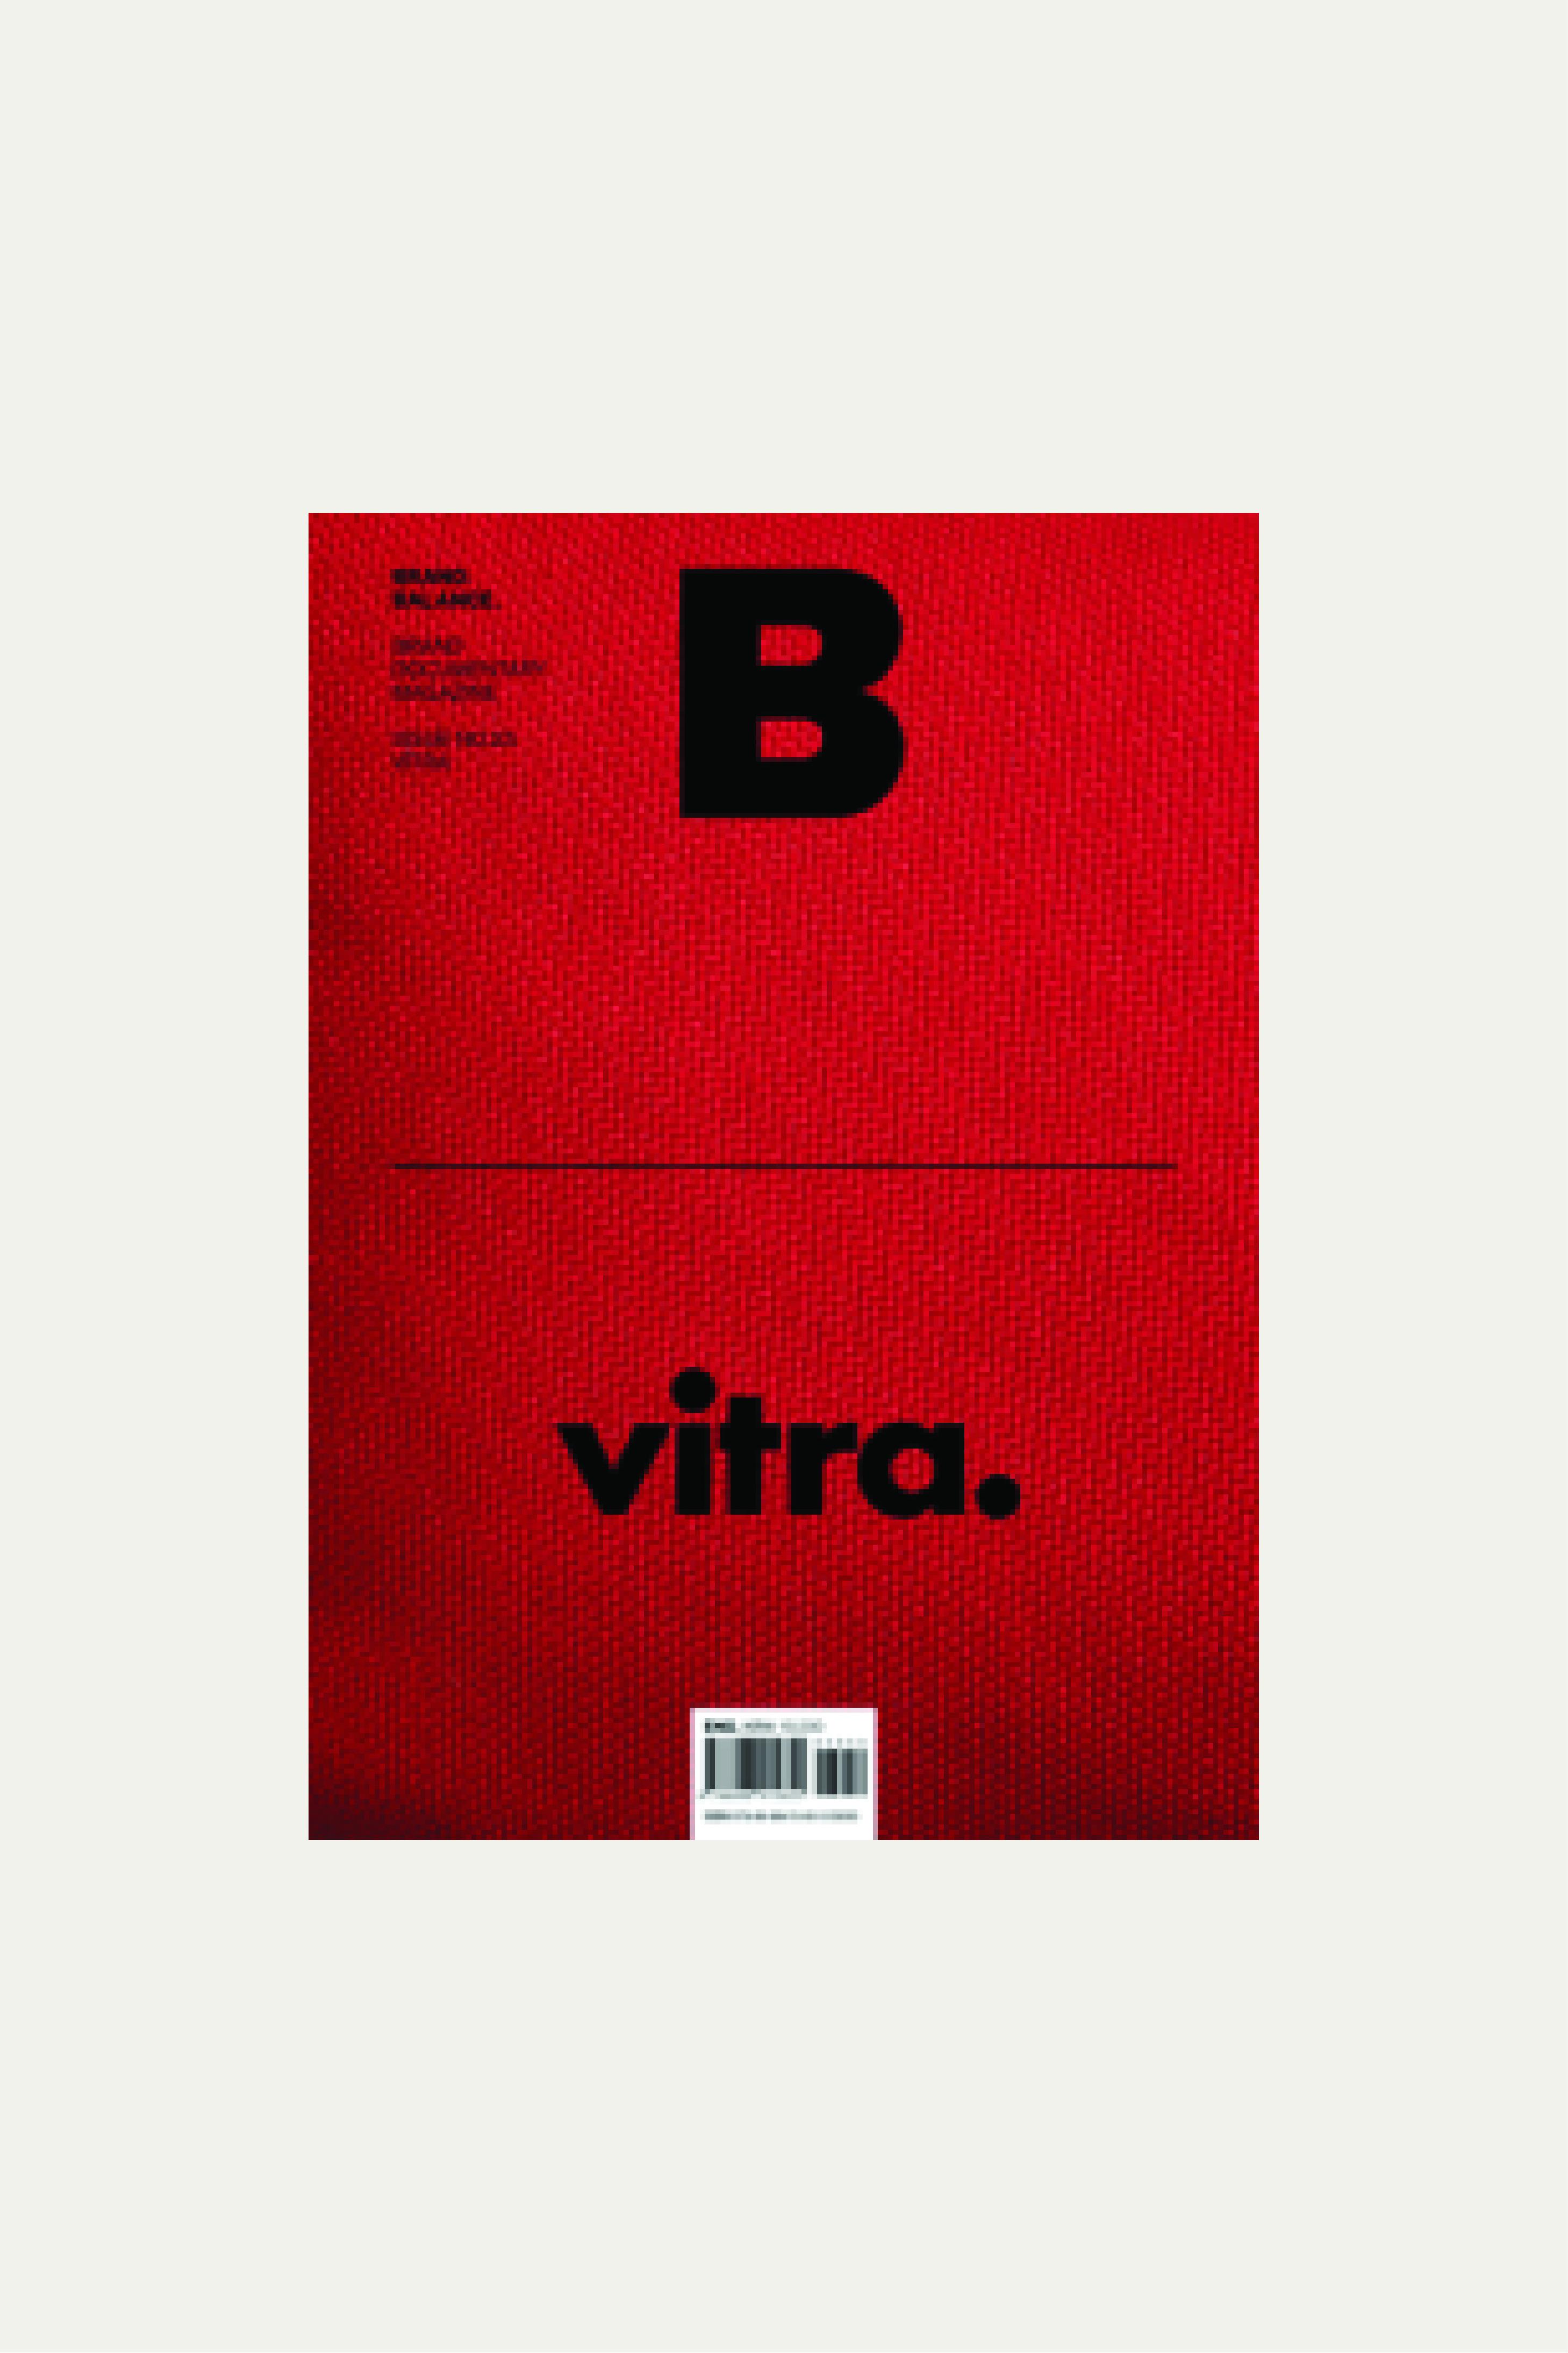 Magazine B (Vitra) Vol 33